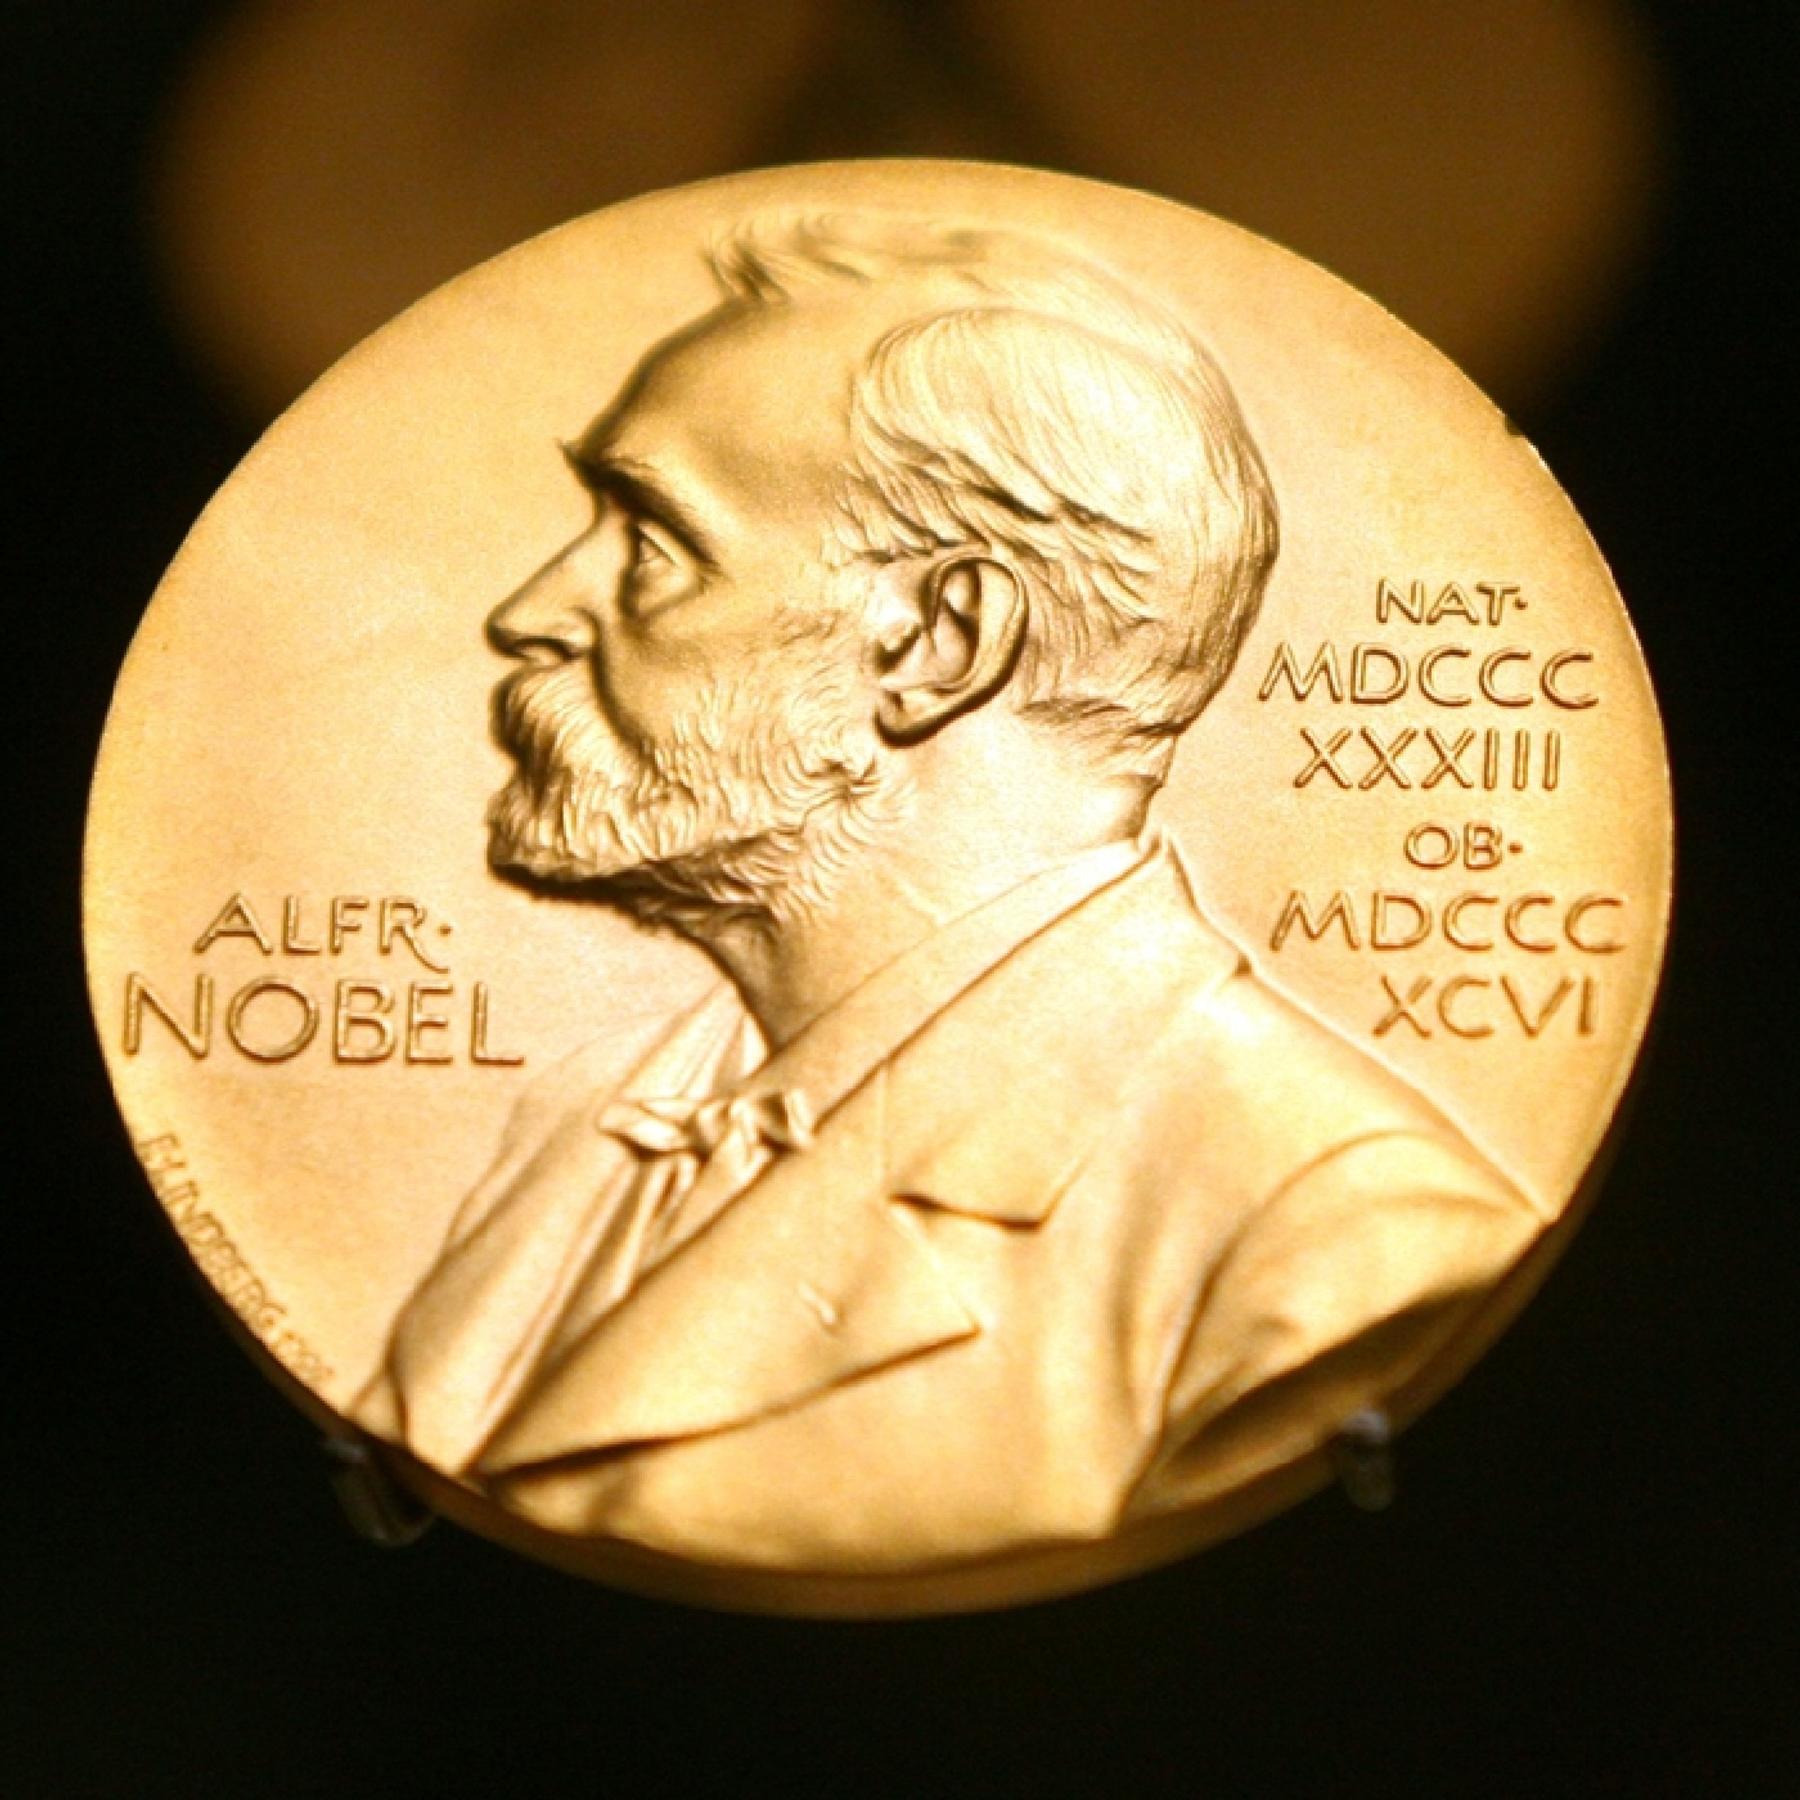 Nobelpreise 2021: Zwei deutsche Forscher werden ausgezeichnet